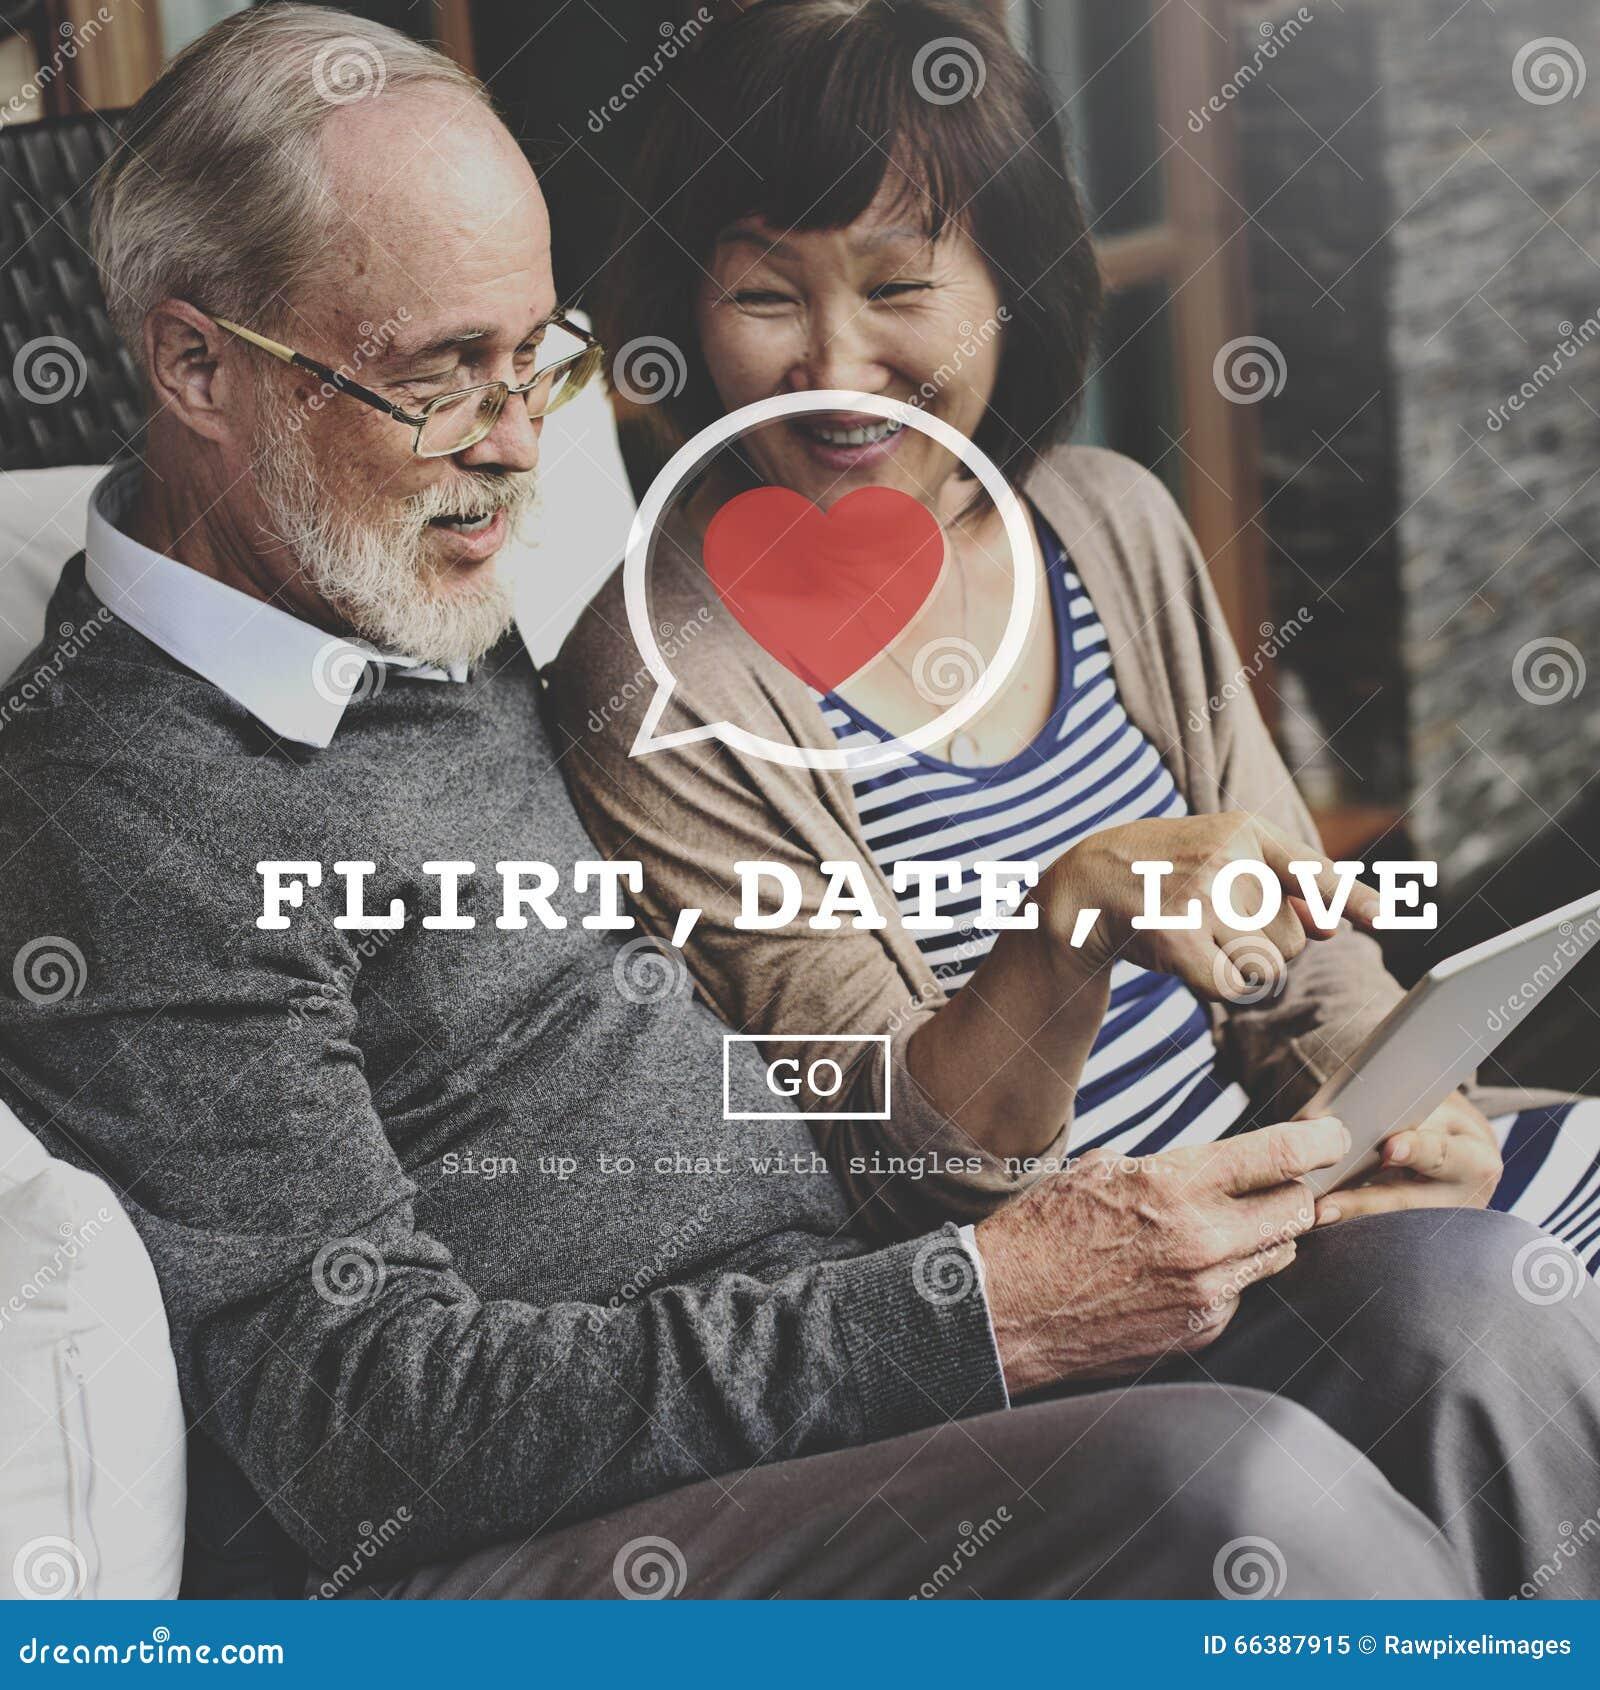 flirt date